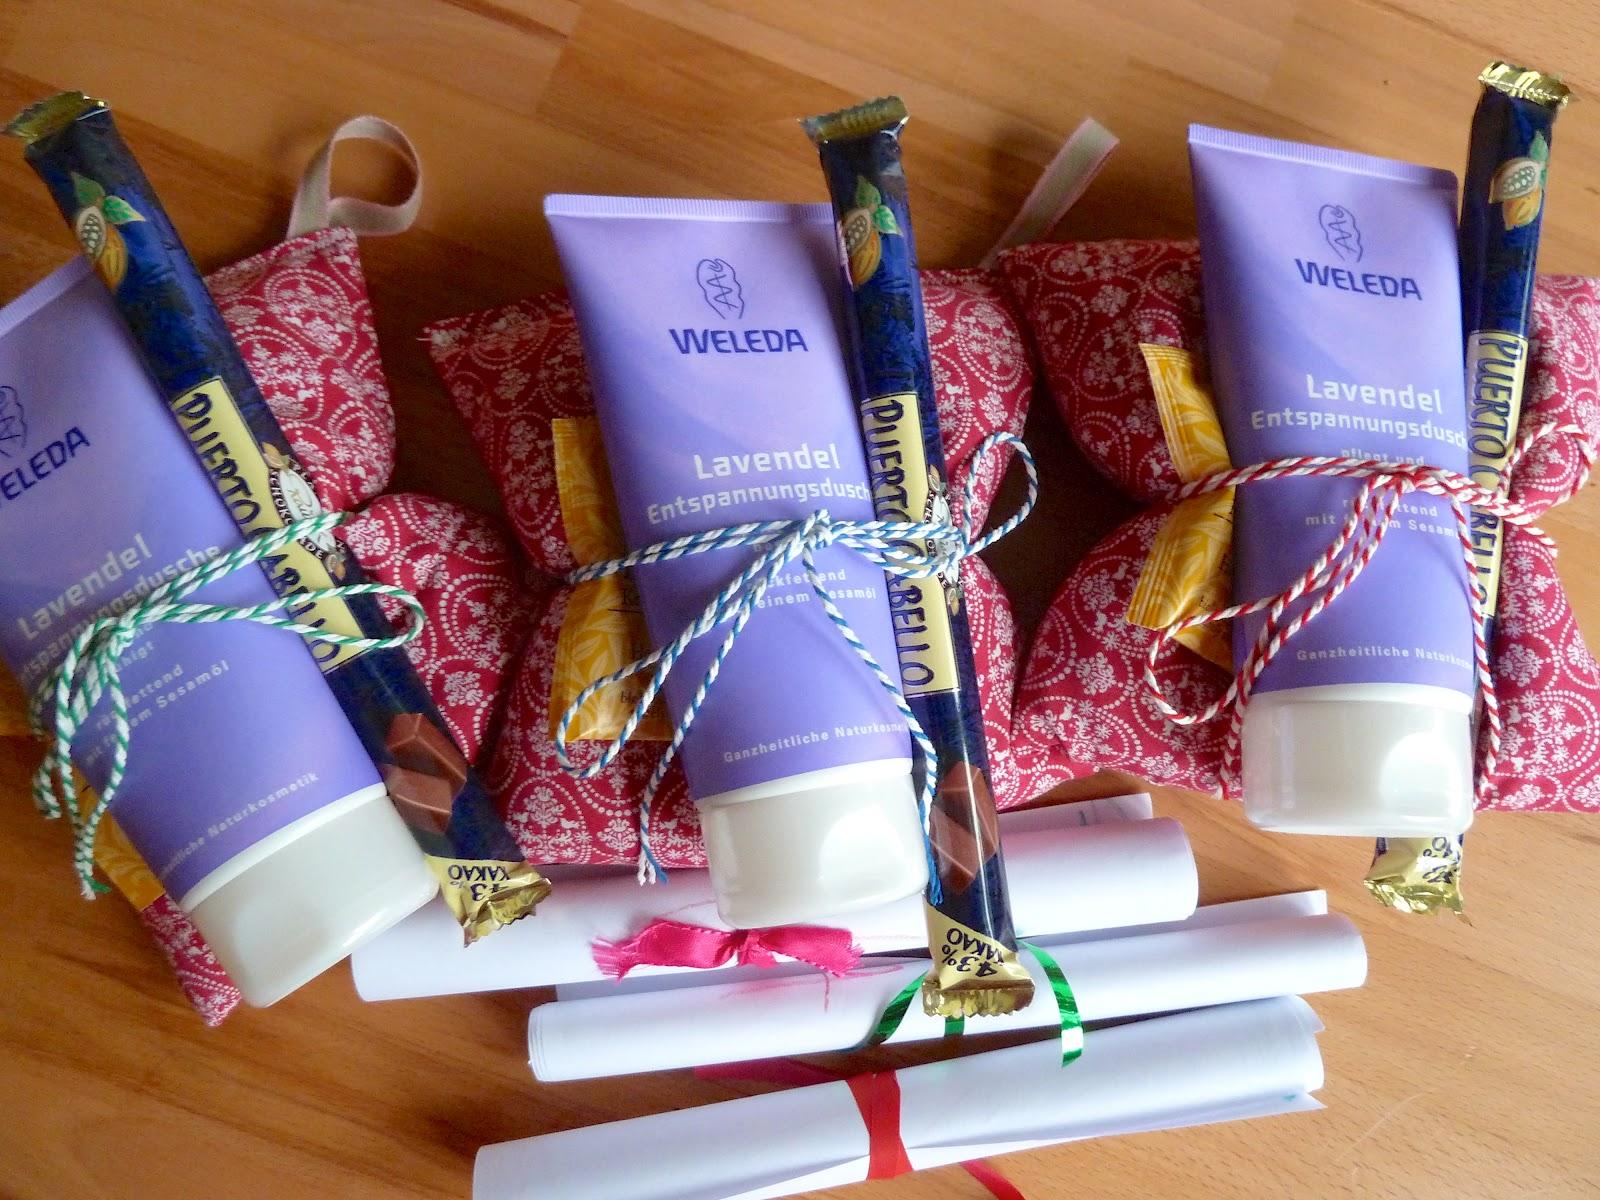 Frische brise abschied und eingew hnung - Geschenk erzieherin weihnachten ...